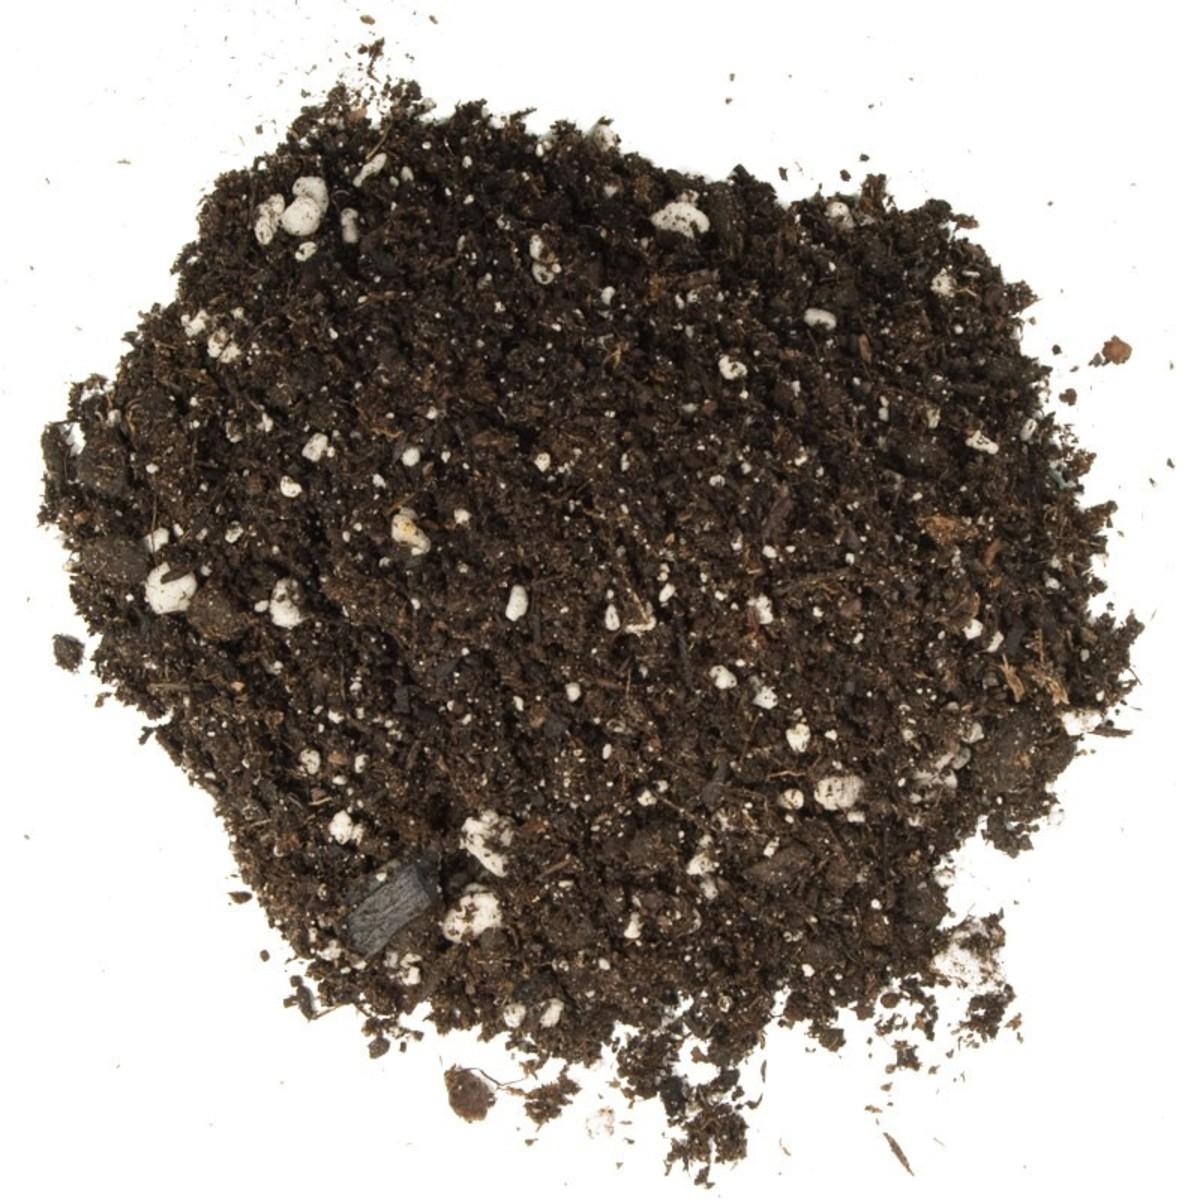 Potting soil.